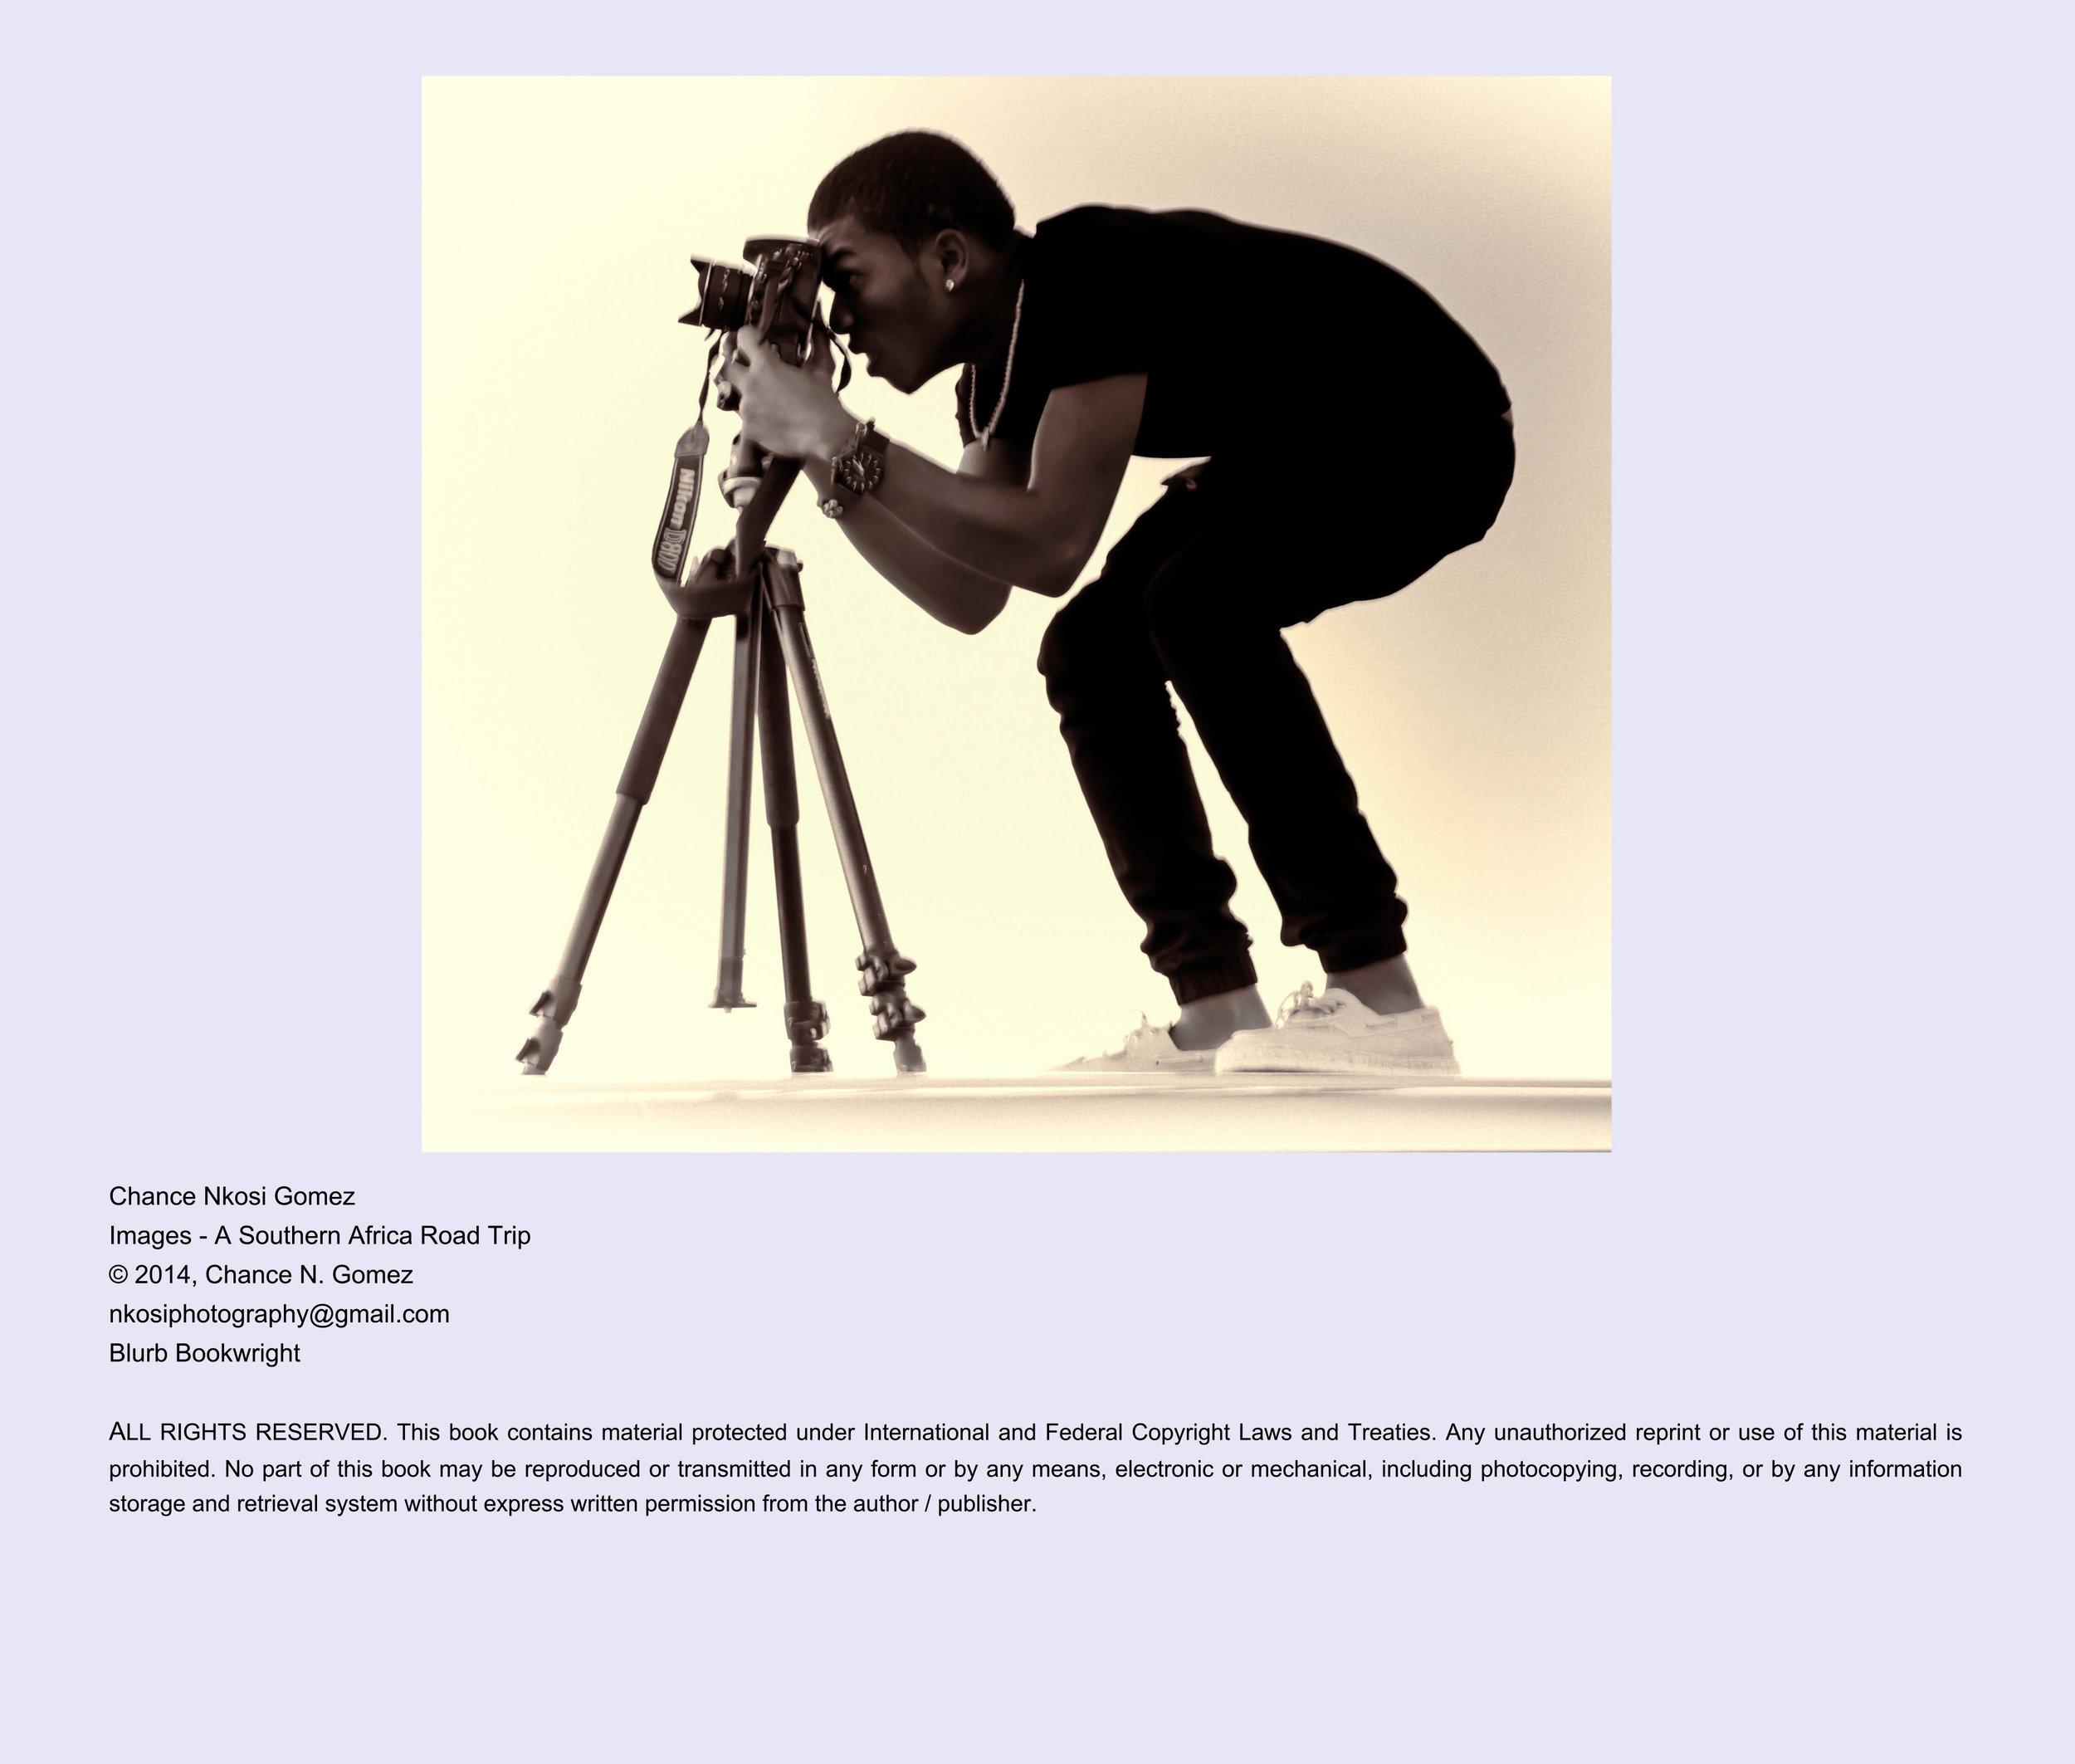 ImagesASouthernAfricaRoadTrip-50.jpg